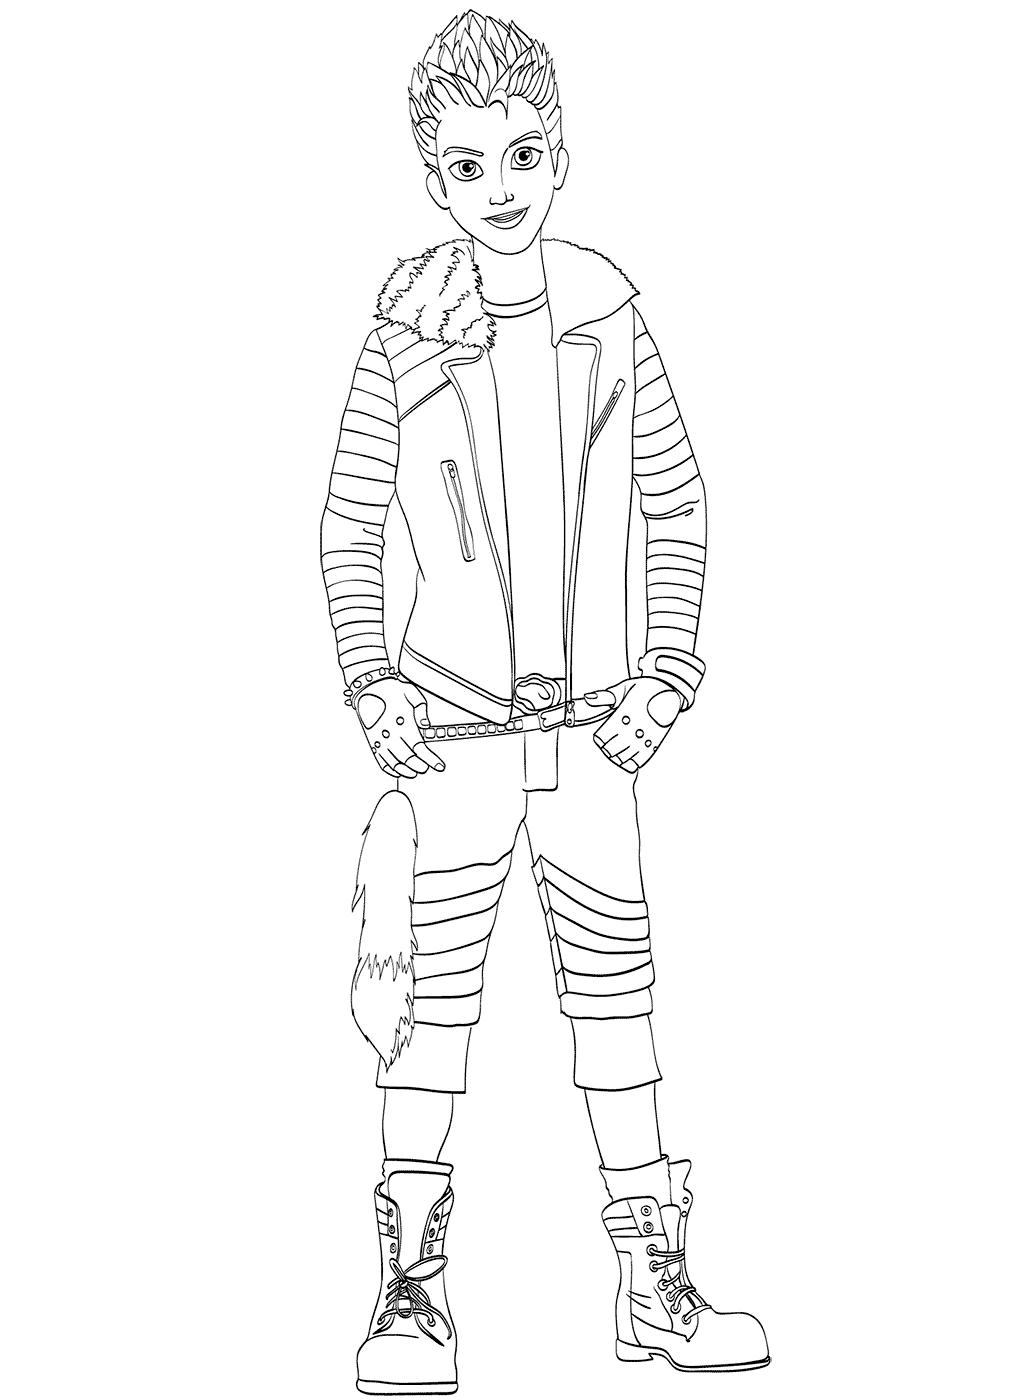 Carlos Coloring Page